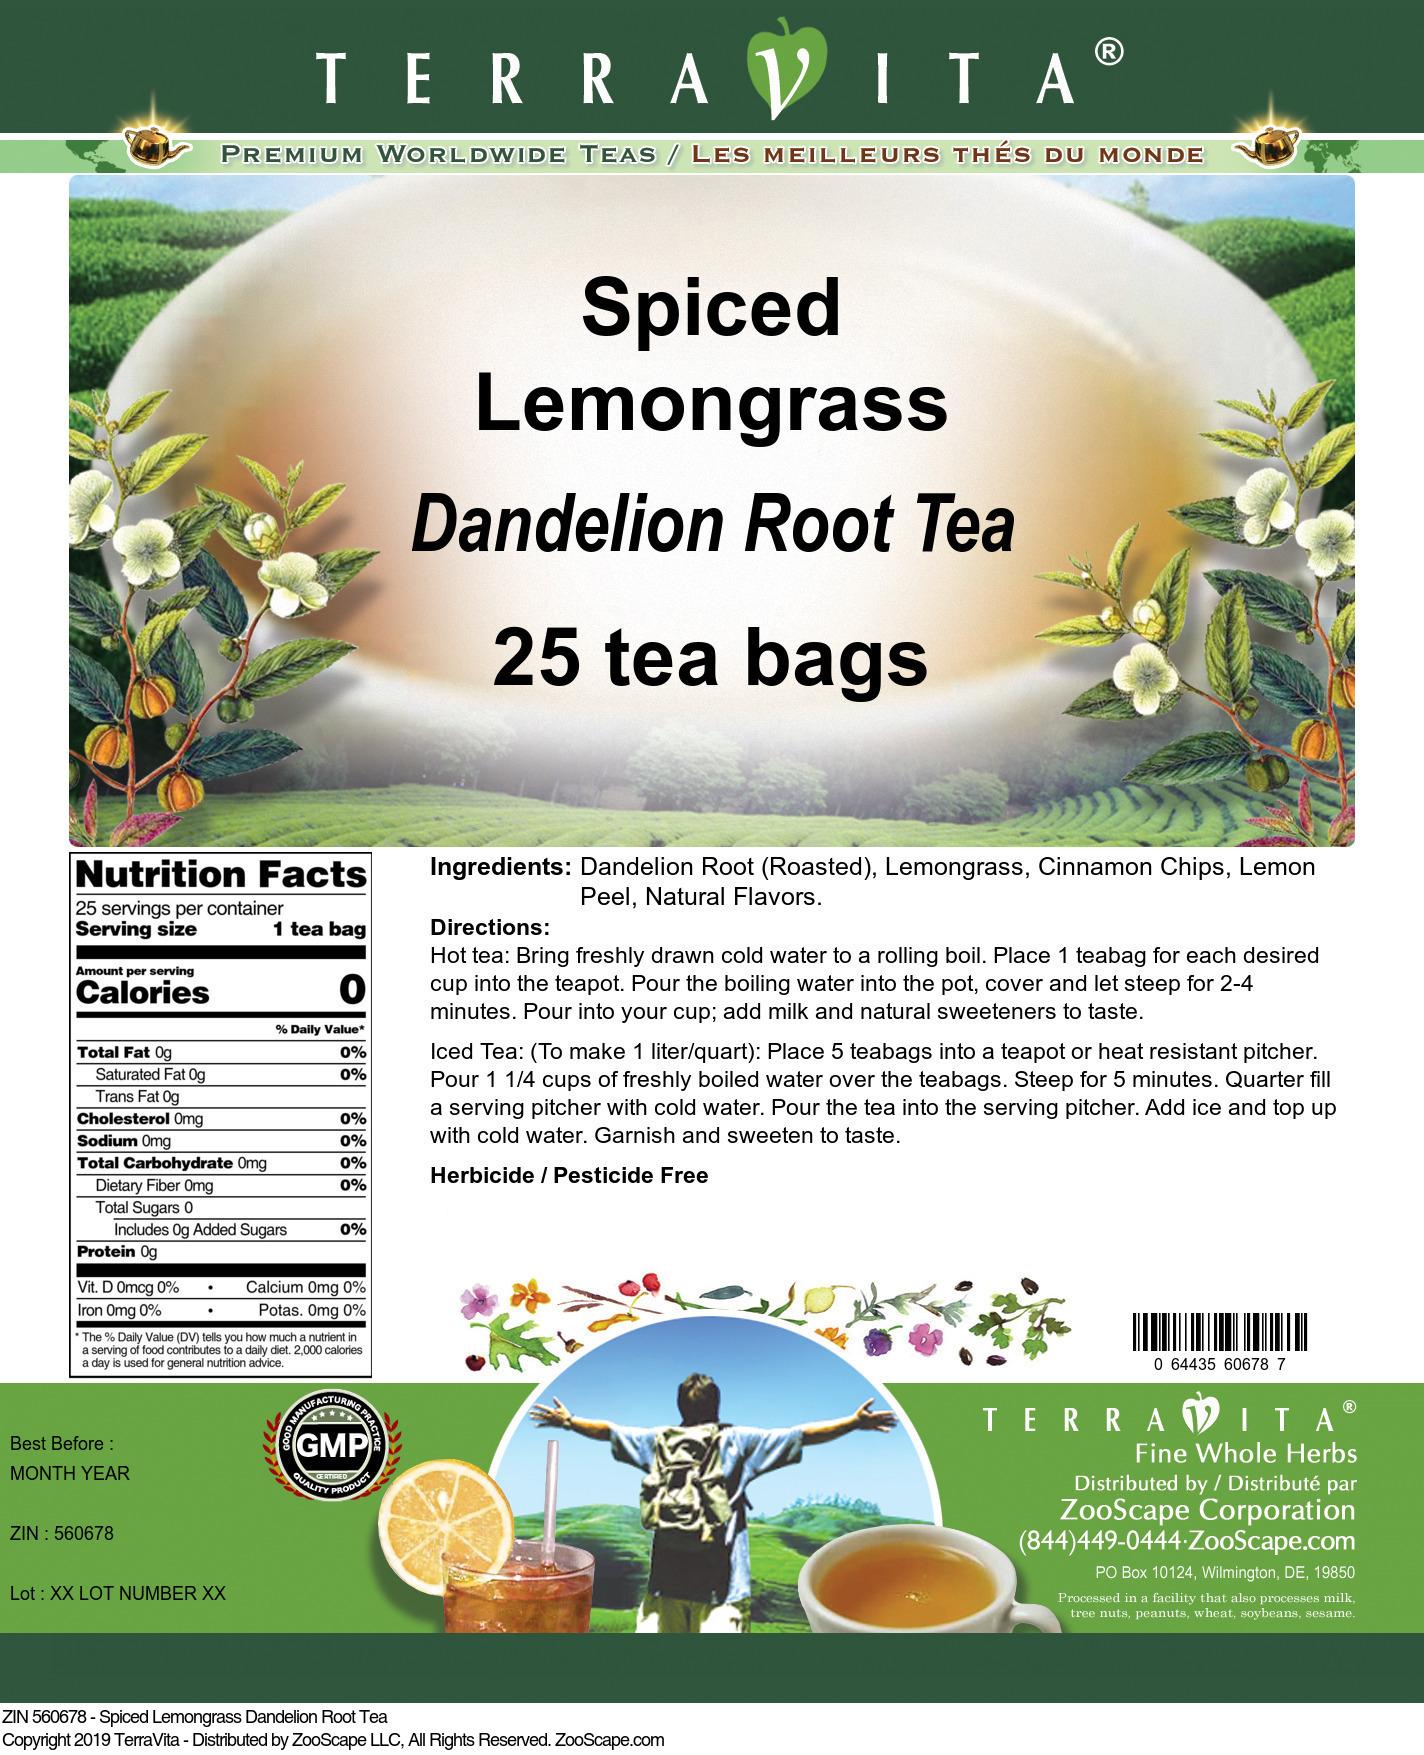 Spiced Lemongrass Dandelion Root